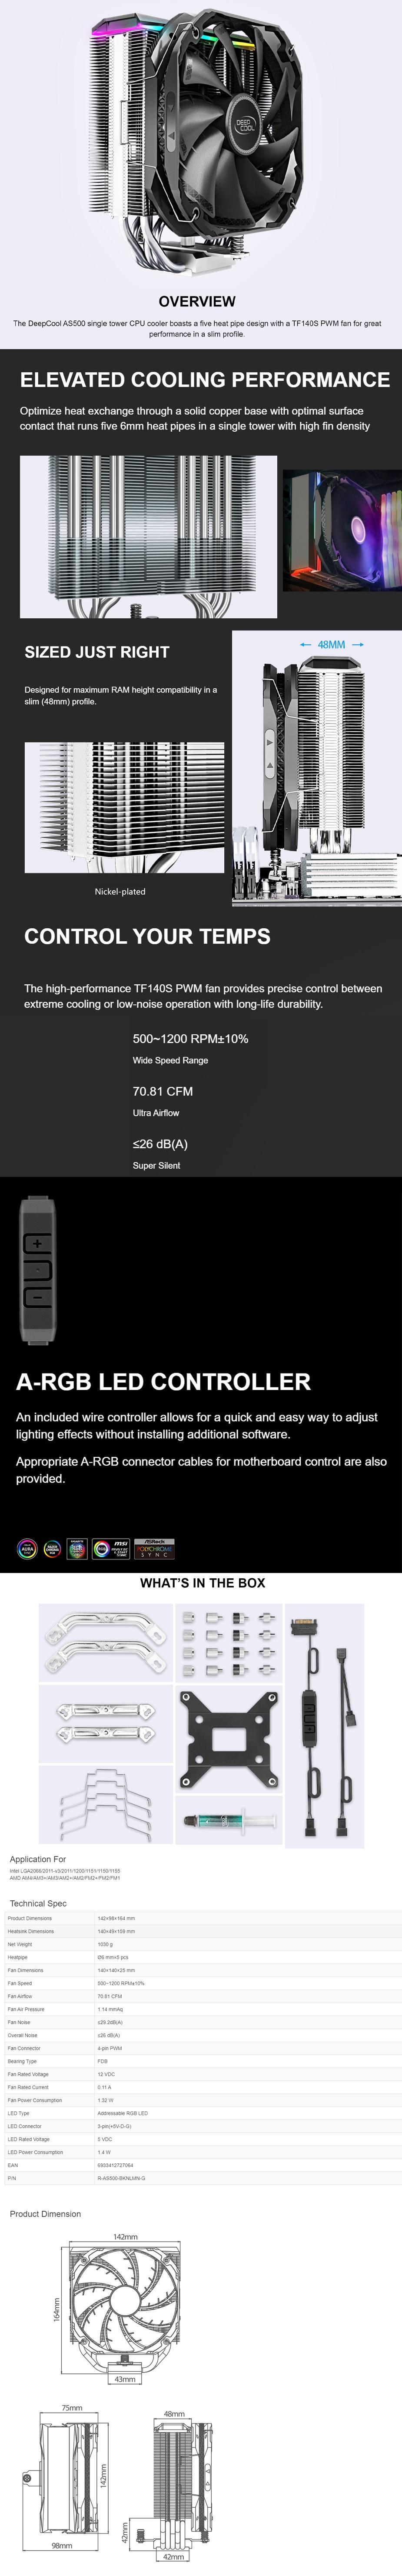 Deepcool AS500 CPU Cooler - Overview 1